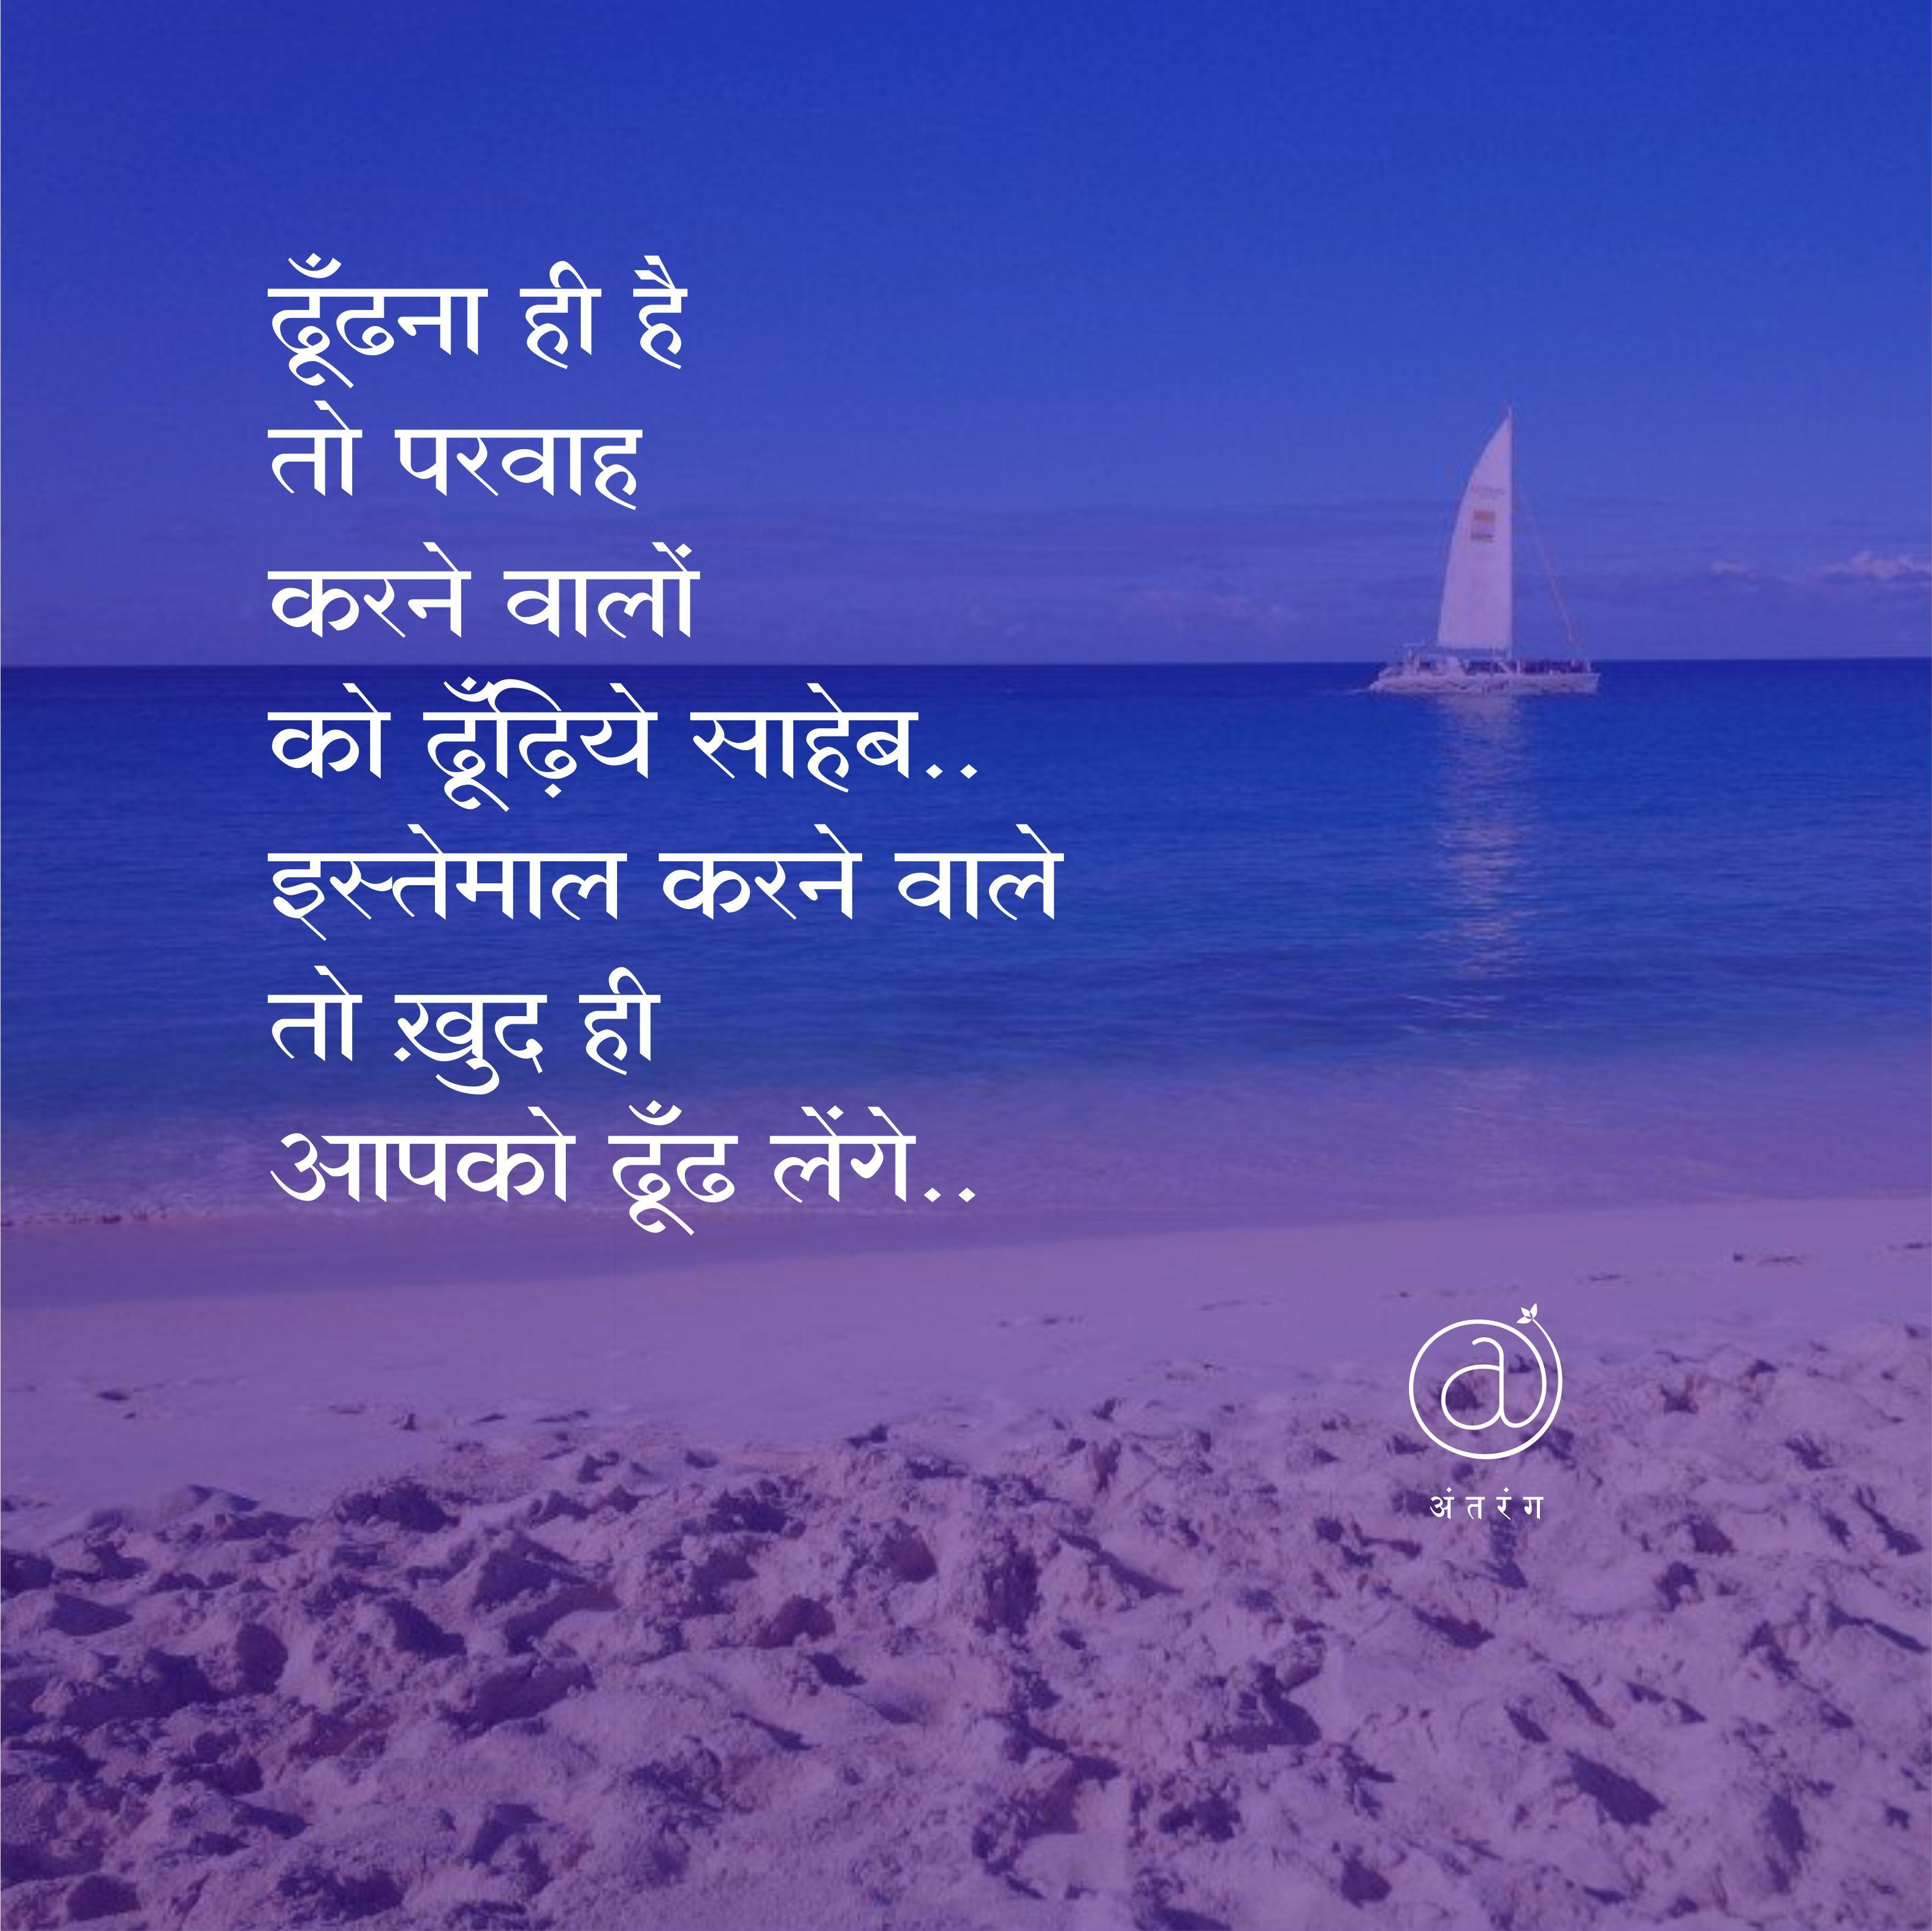 Pin By Shreyash Pawar On Shayari Hindi Quotes Life Quotes Thoughts